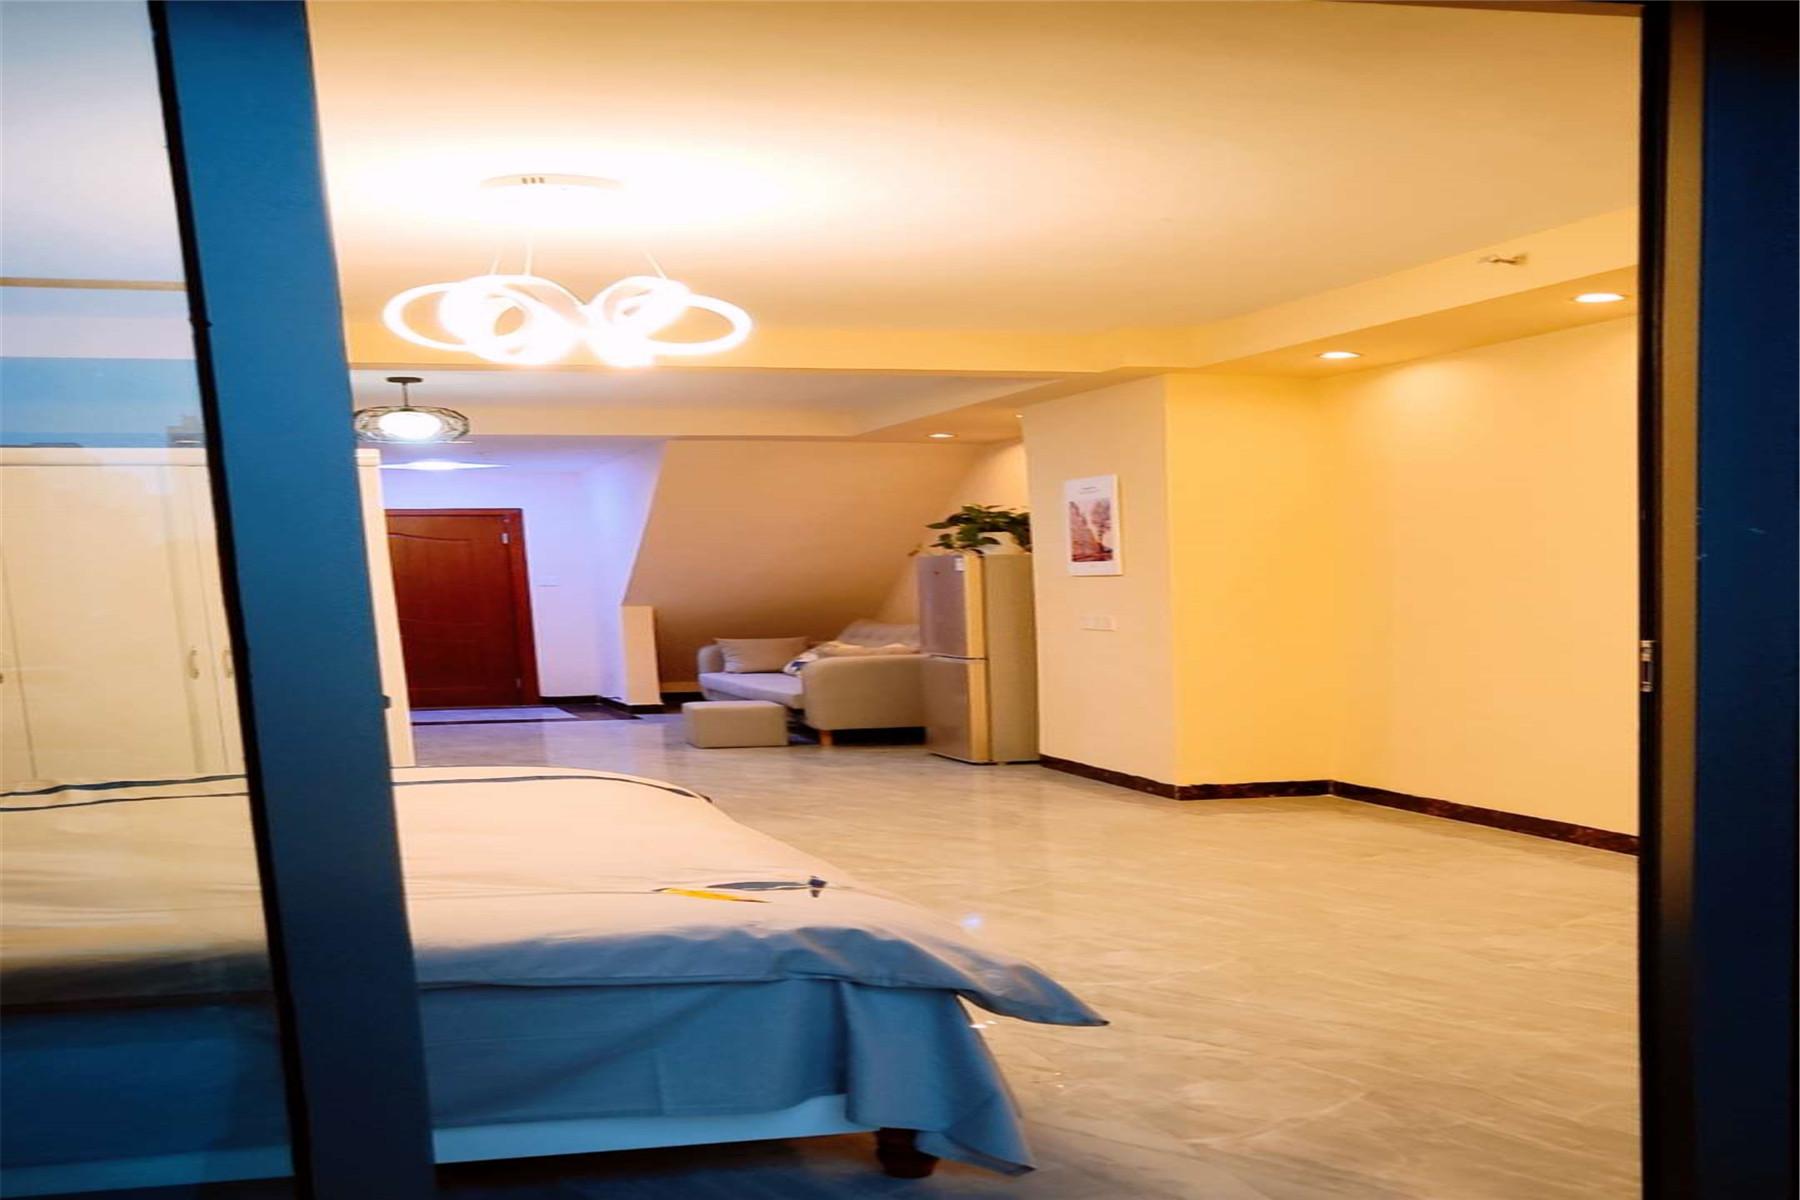 贵阳西南偏南-远眺公寓电影一室大床房